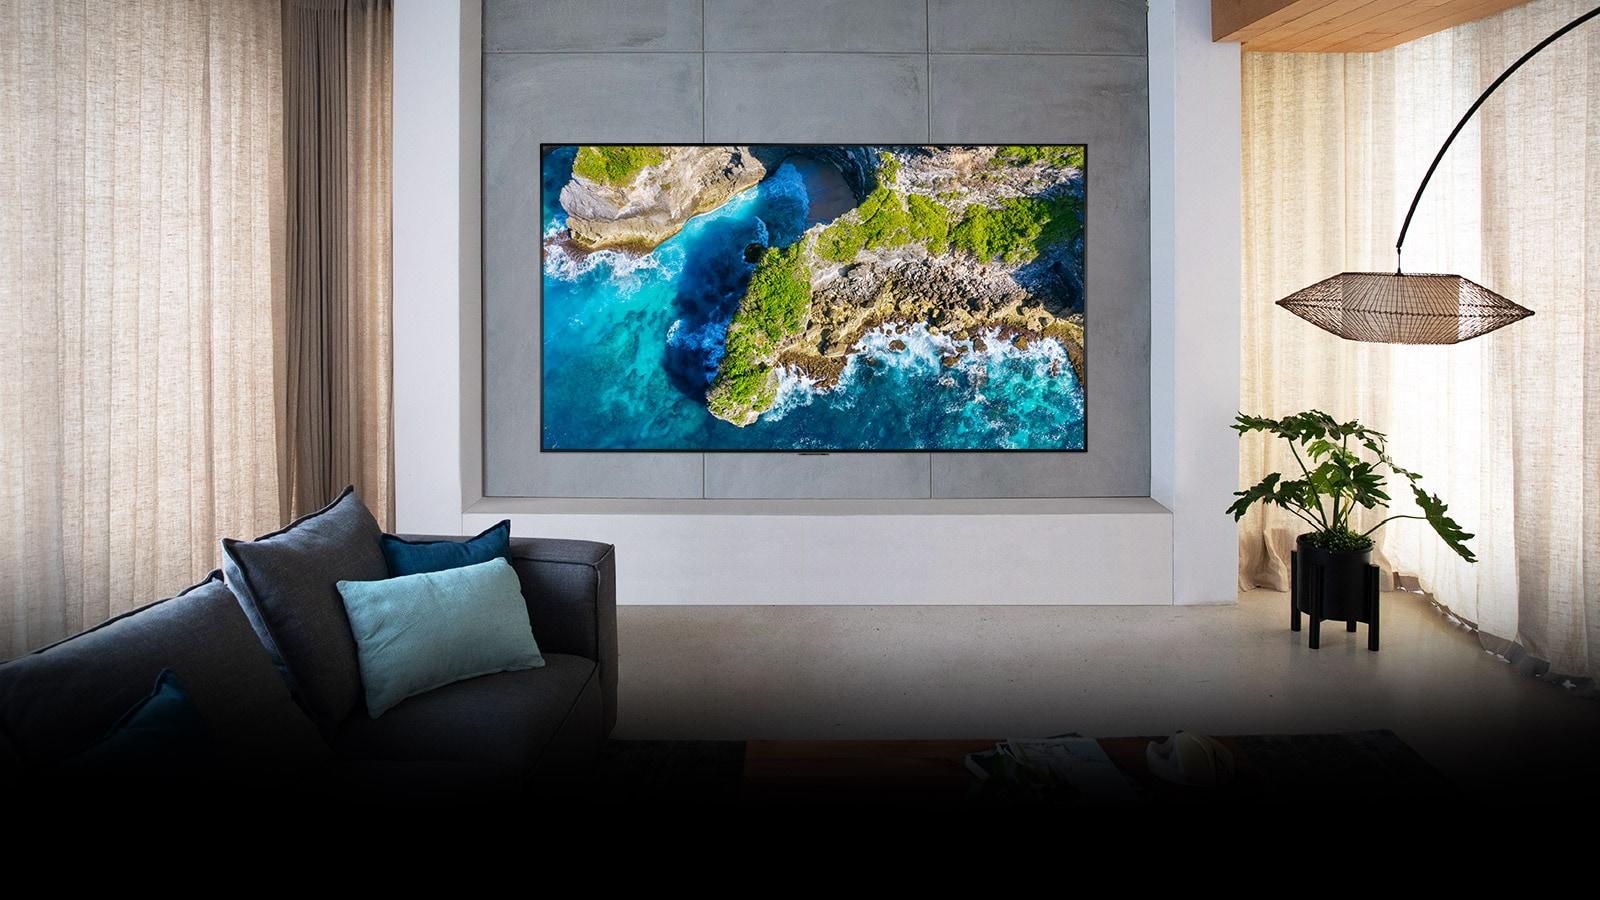 Телевізор в оточенні розкішного інтер'єру показує краєвид з висоти пташиного польоту